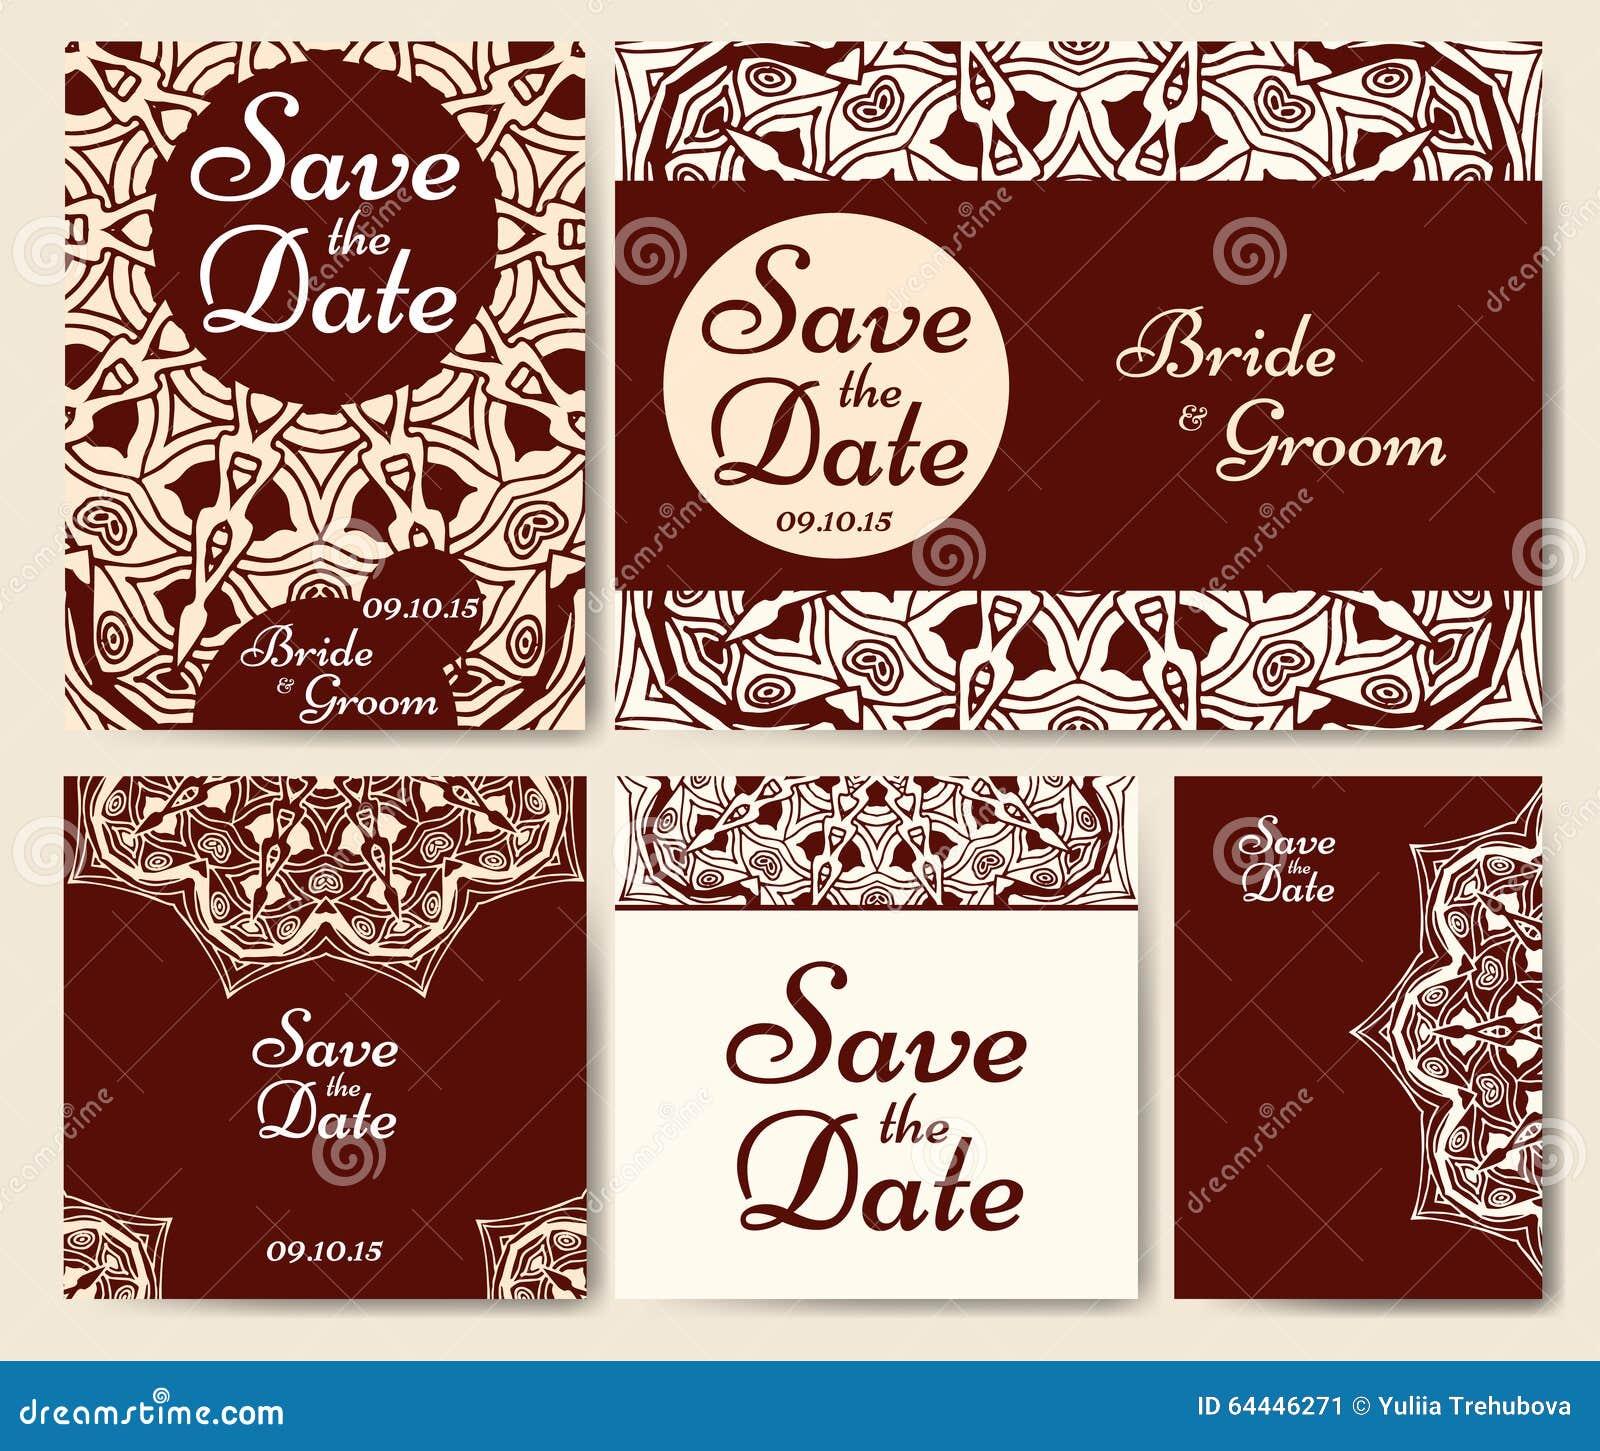 easy wedding thank you card wording templates a